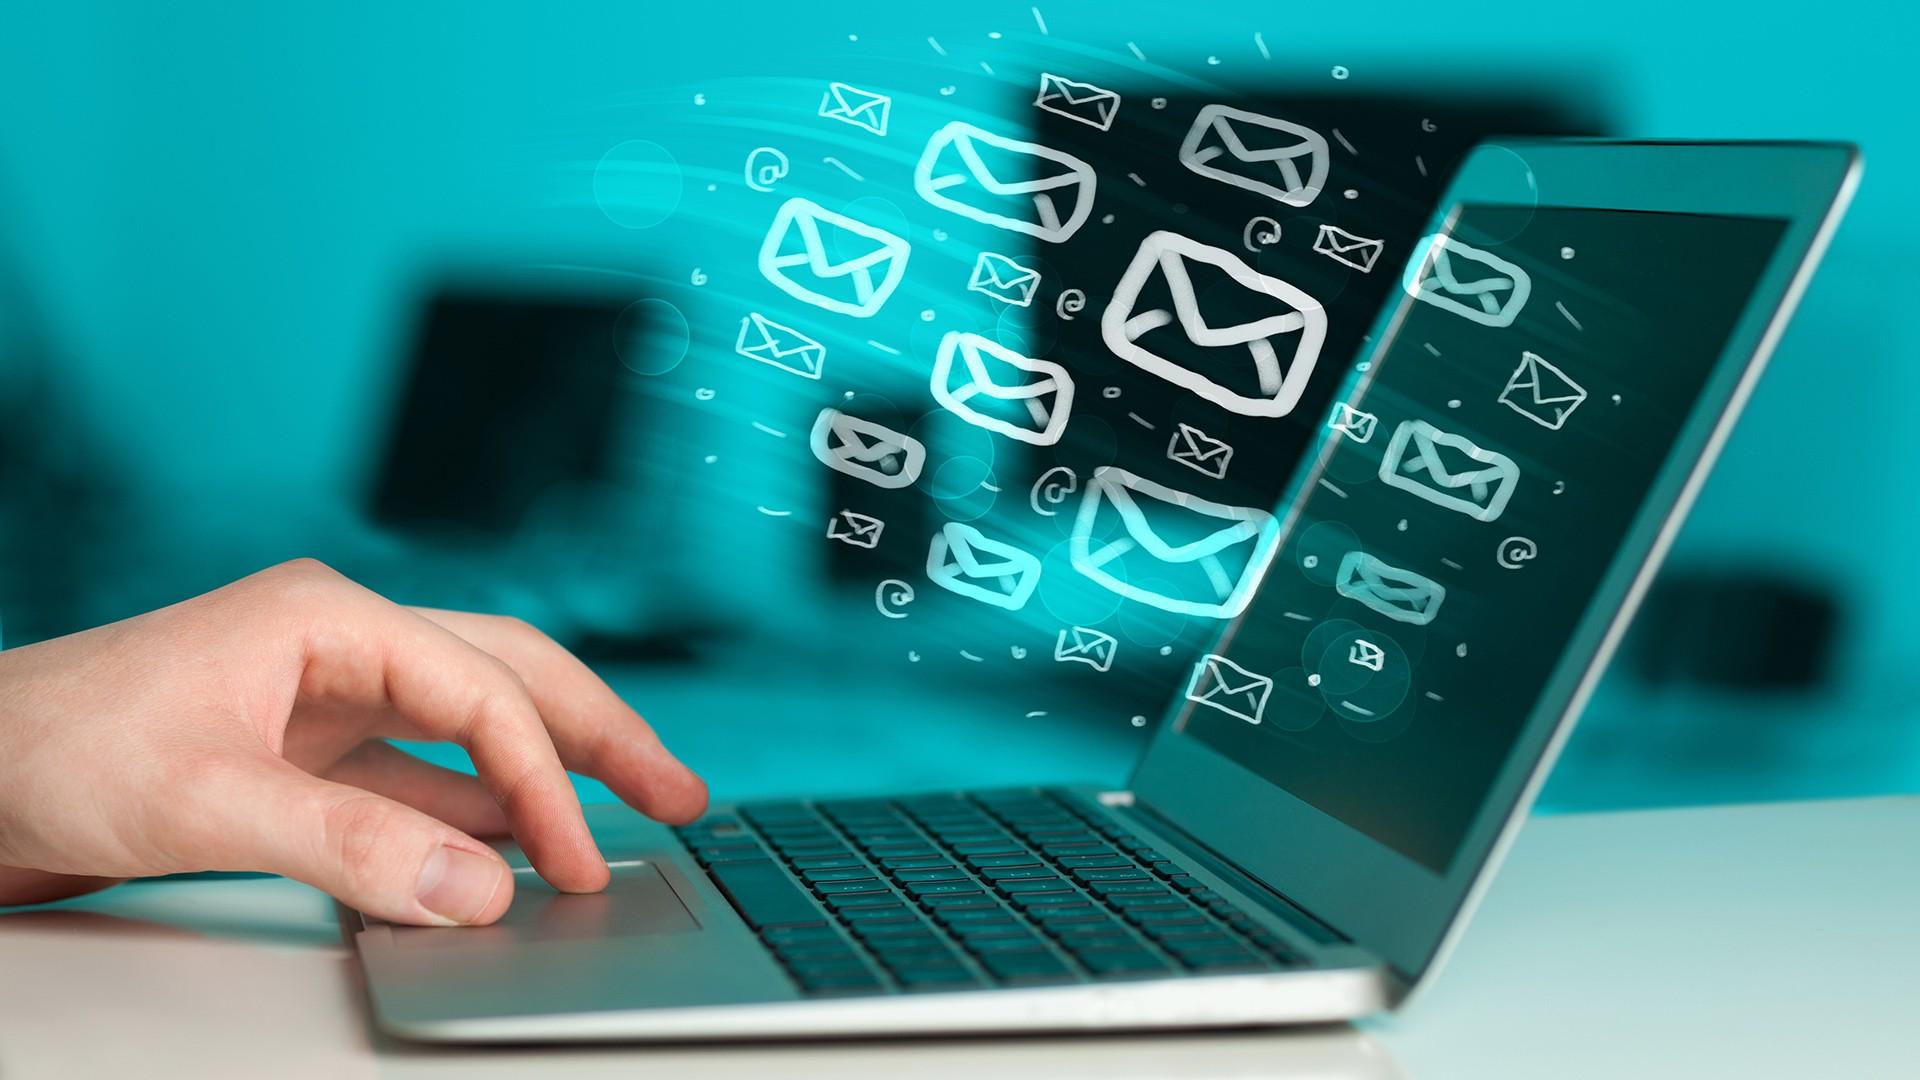 Los emails pueden abrir brechas de seguridad para nuestros datos